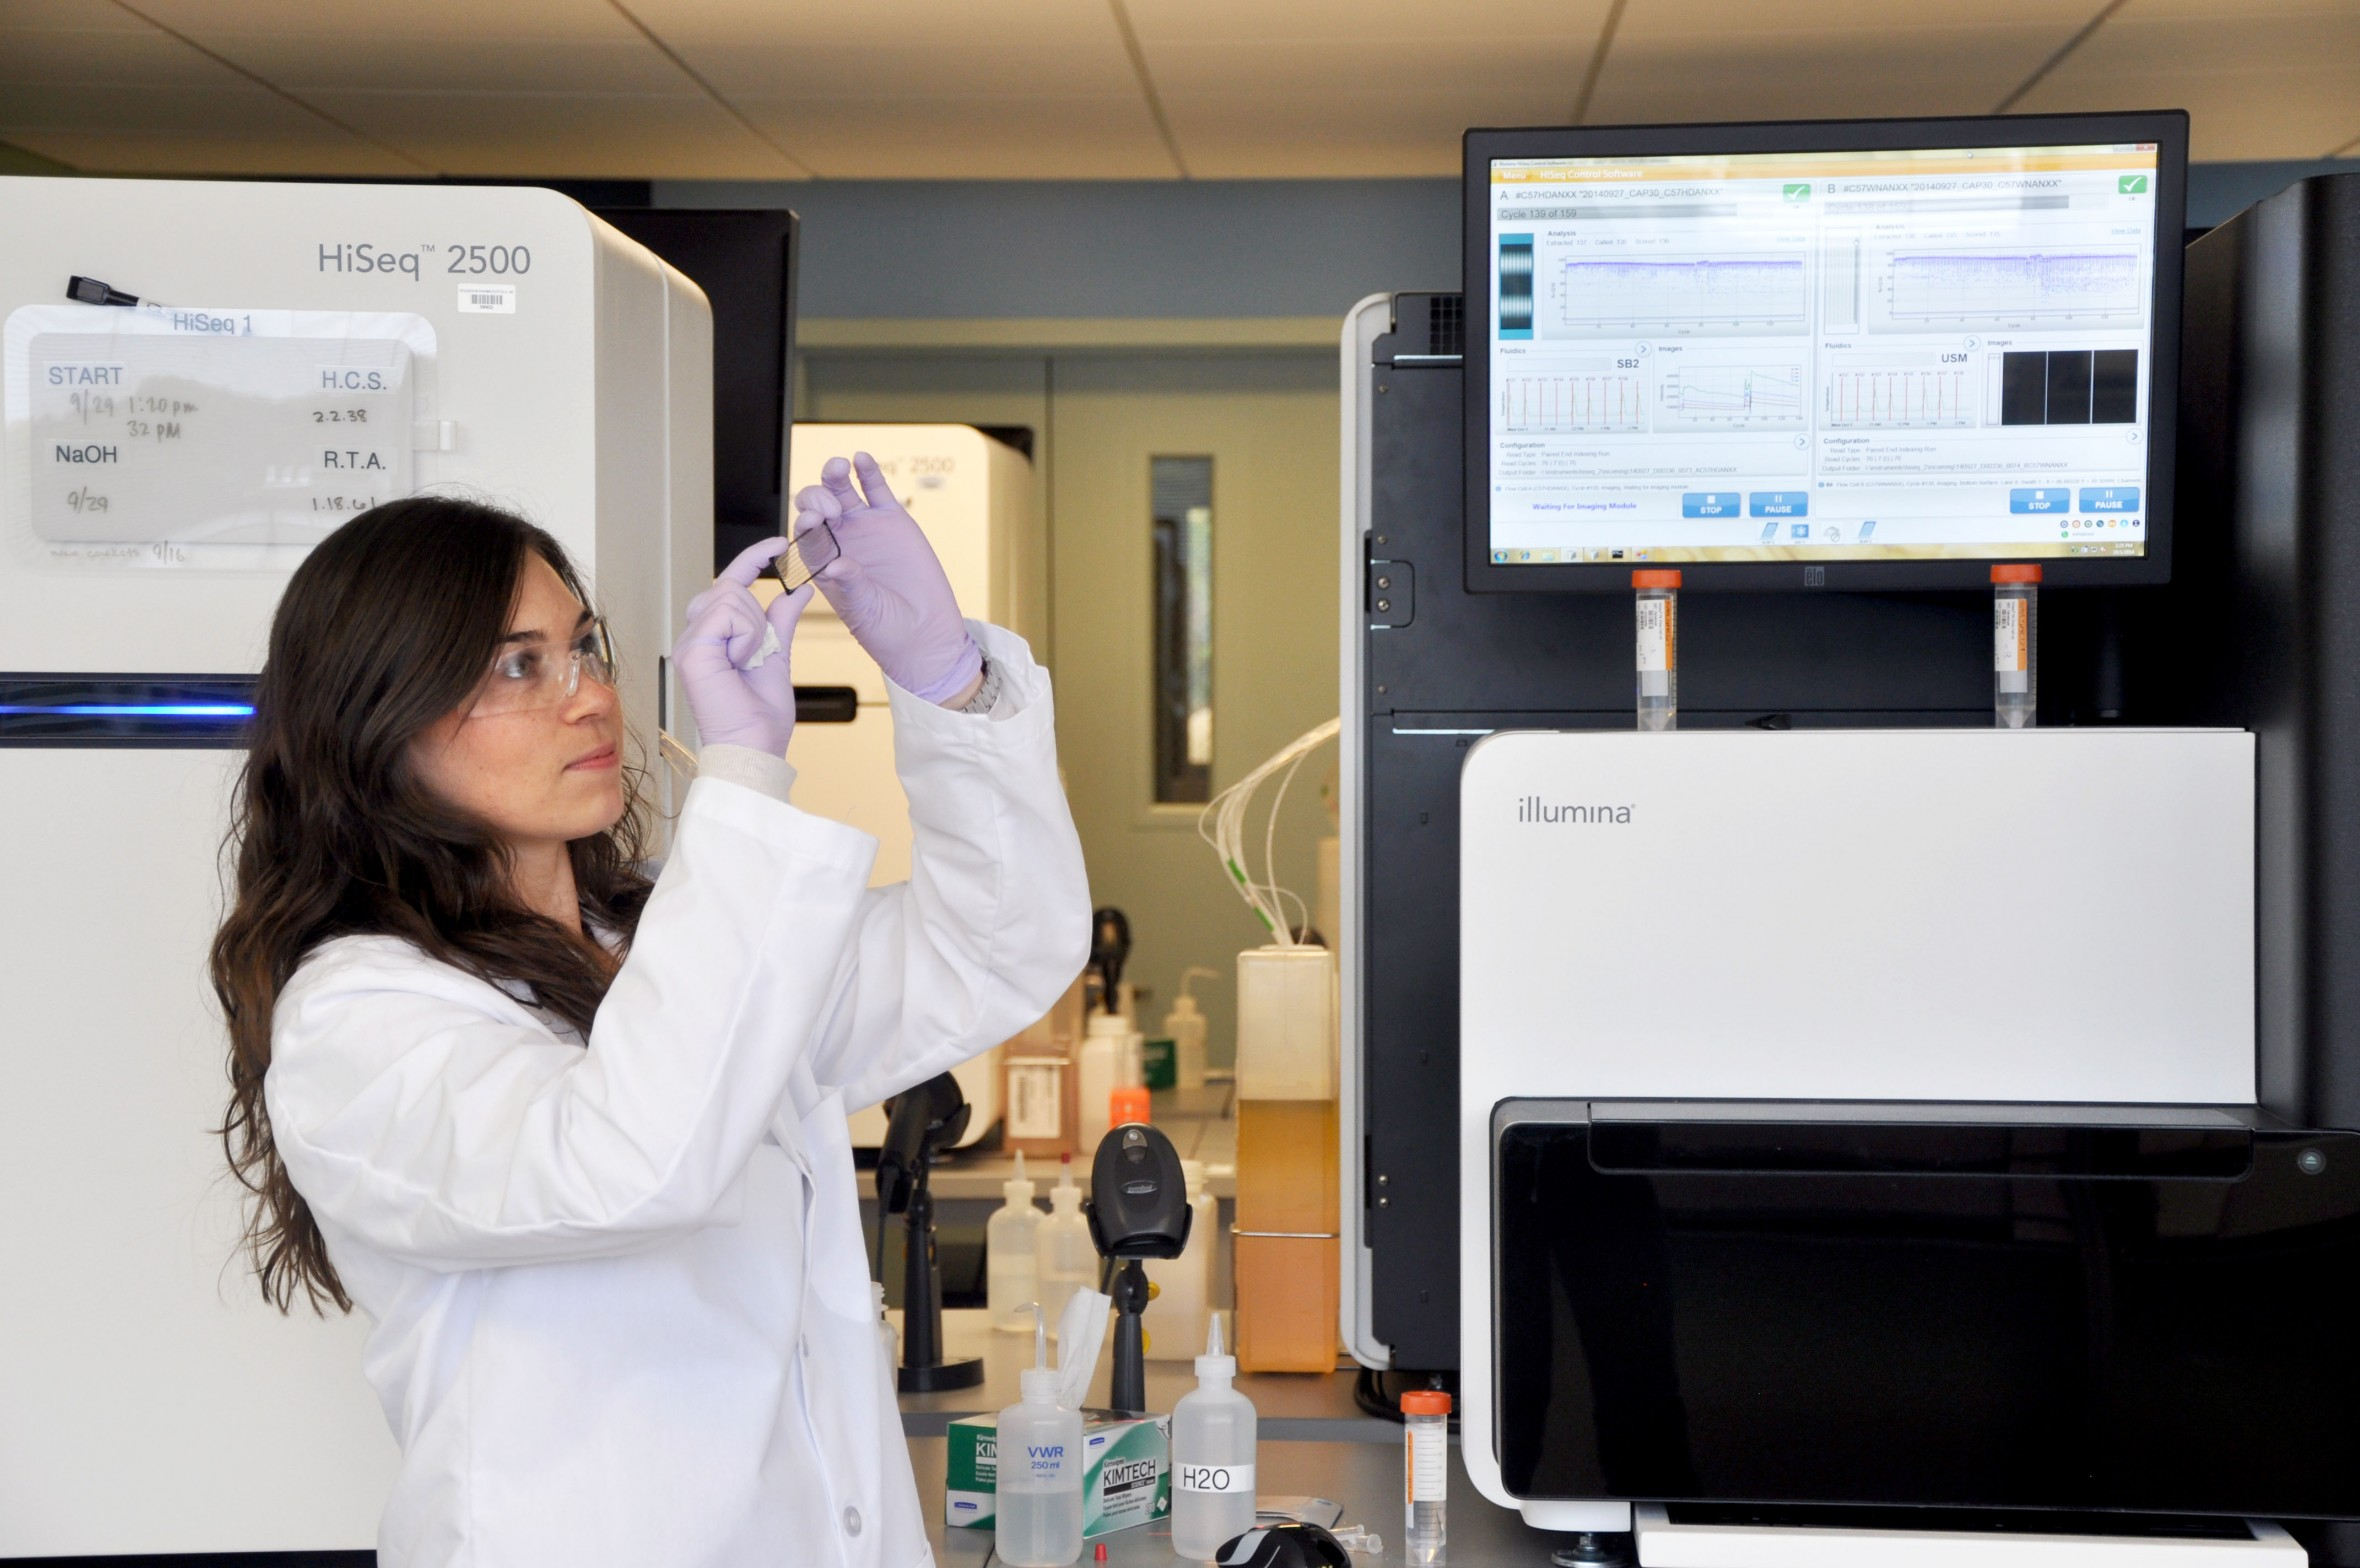 جينات البشر الذين يتعرّضون للطفرات الوراثية تشير إلى قوى جديدة خارقة